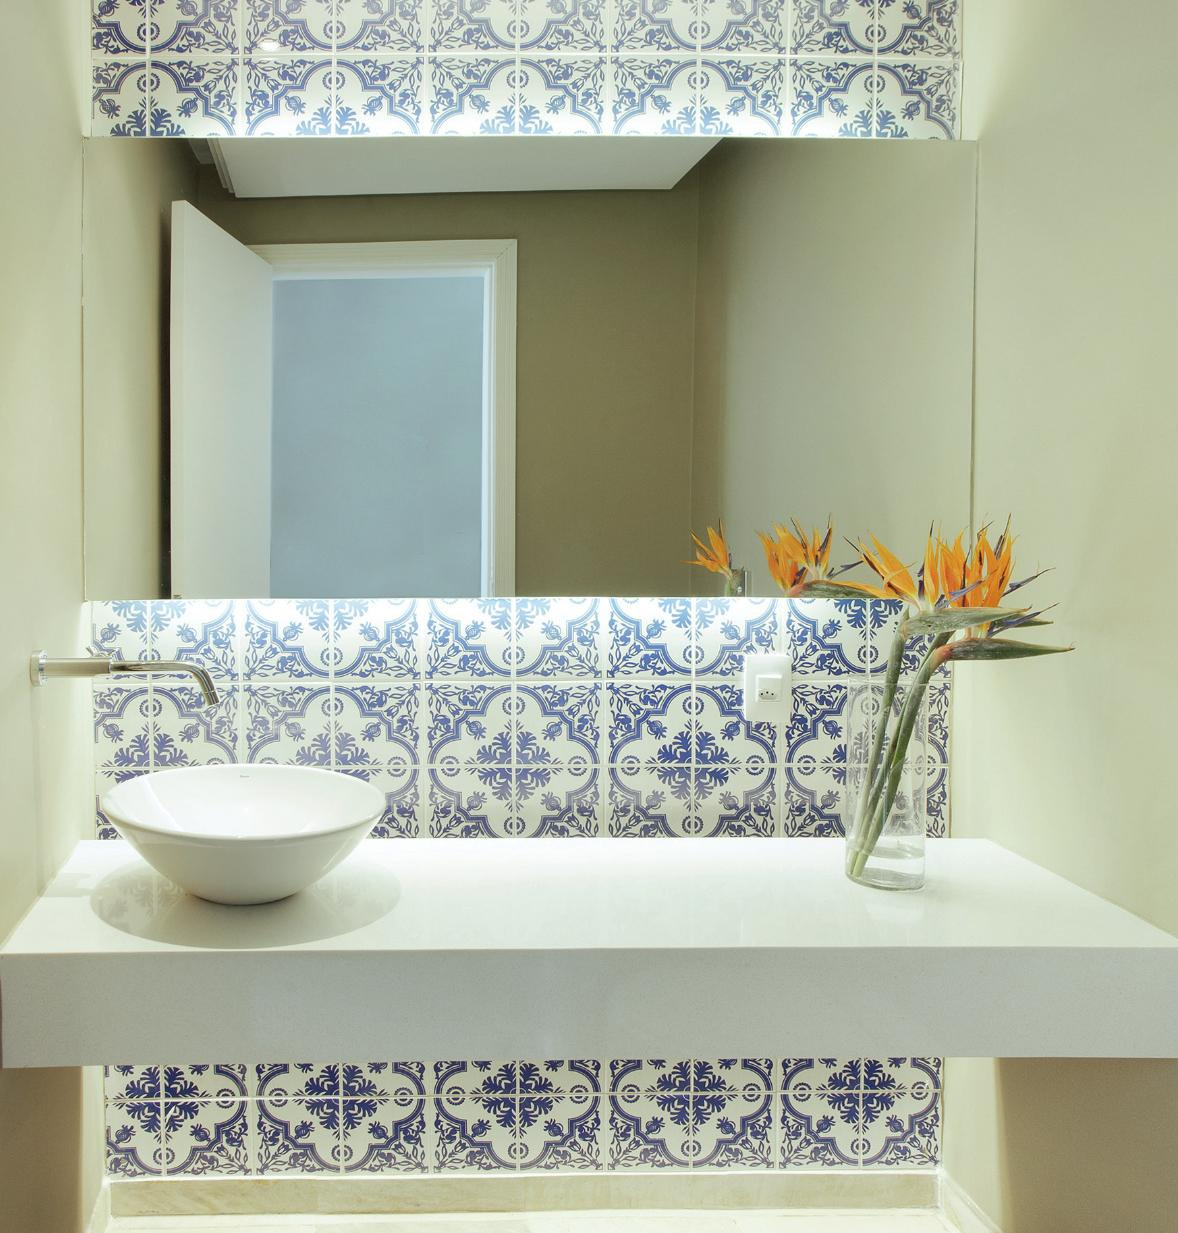 Decorando com Criatividade: Soluções para banheiros pequenos  #A27129 1178x1233 Bancada Banheiro Azul